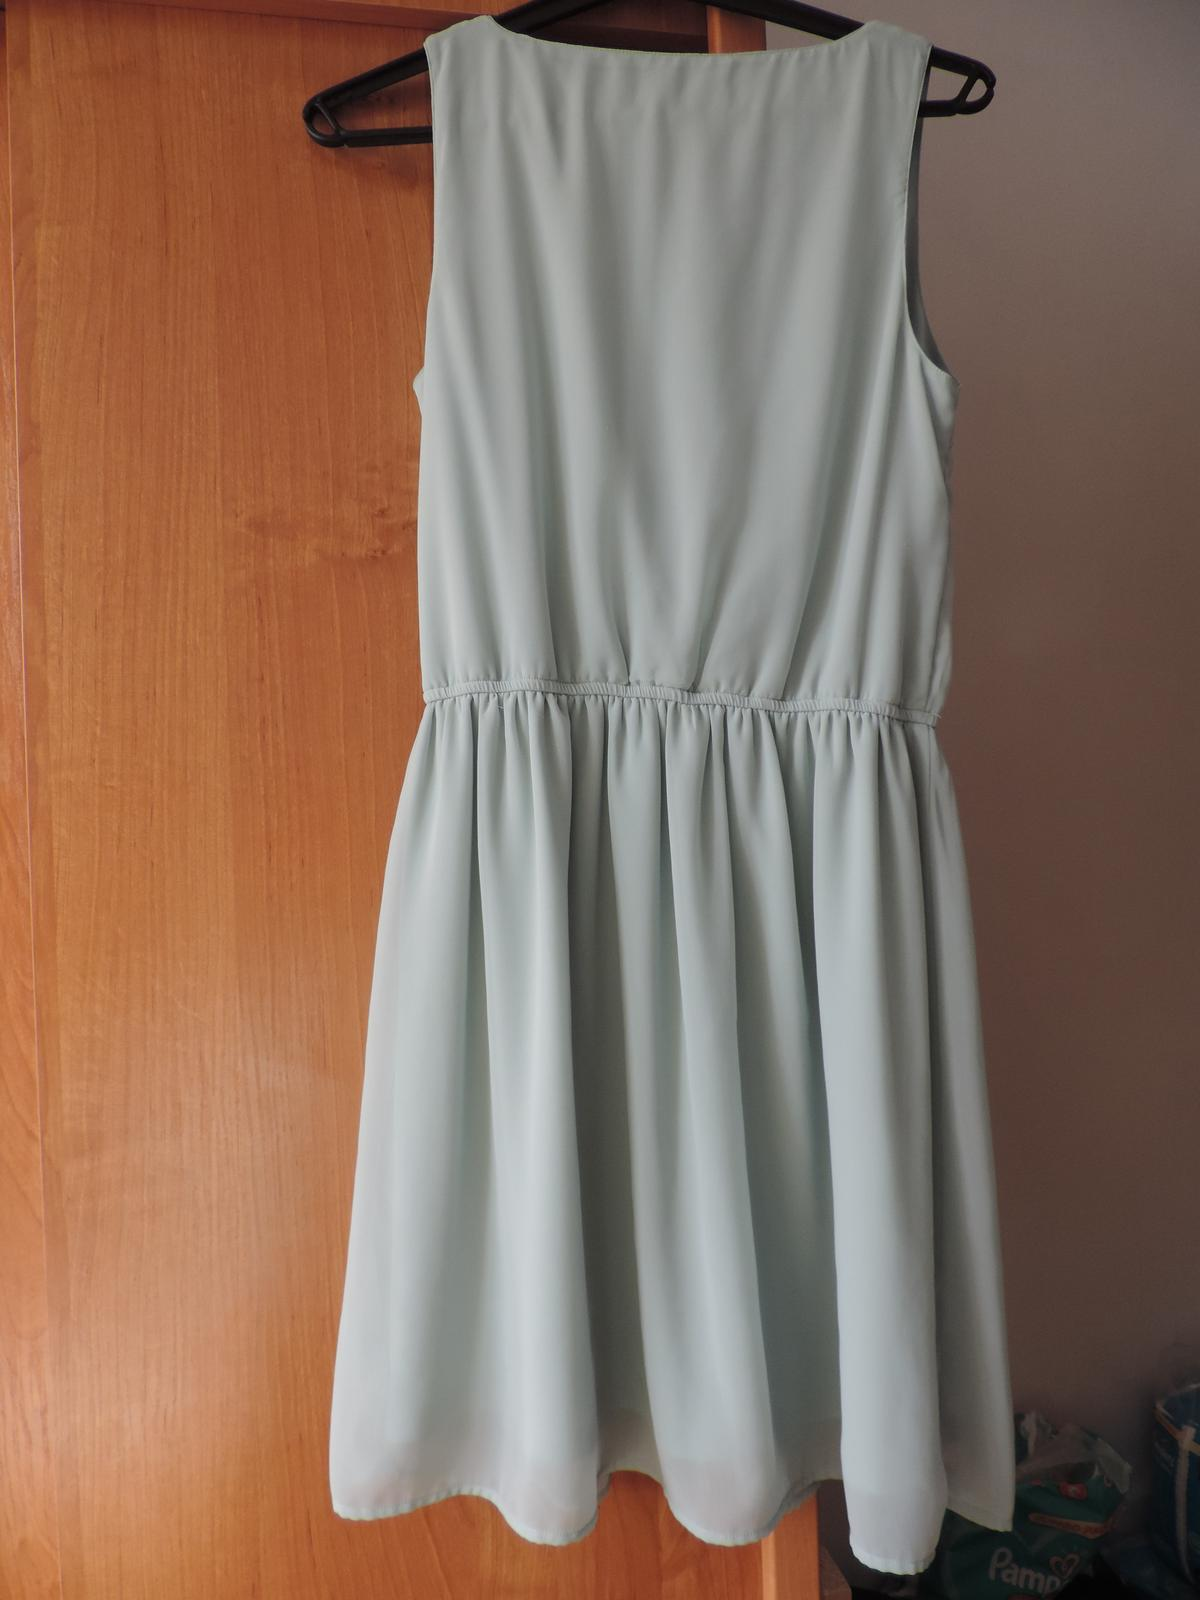 Zelené šaty s čipkovaným dekoltom - Obrázok č. 3